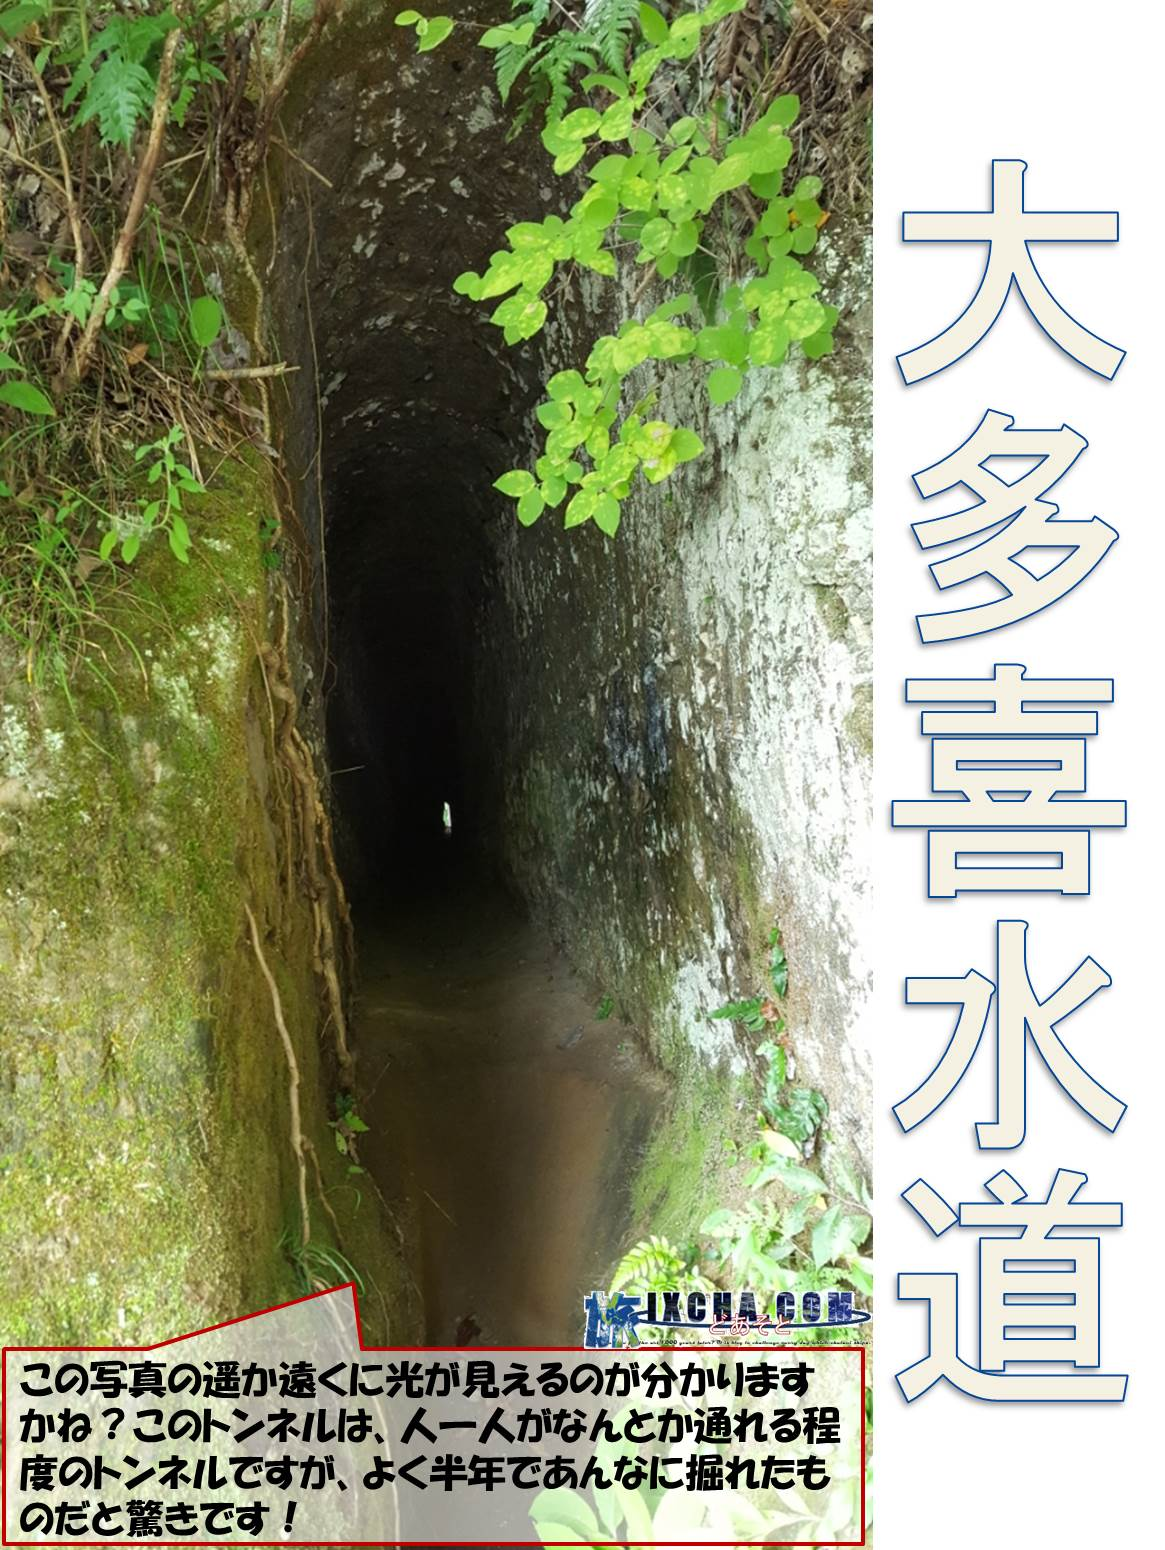 大多喜水道 この写真の遥か遠くに光が見えるのが分かりますかね?このトンネルは、人一人がなんとか通れる程度のトンネルですが、よく半年であんなに掘れたものだと驚きです!